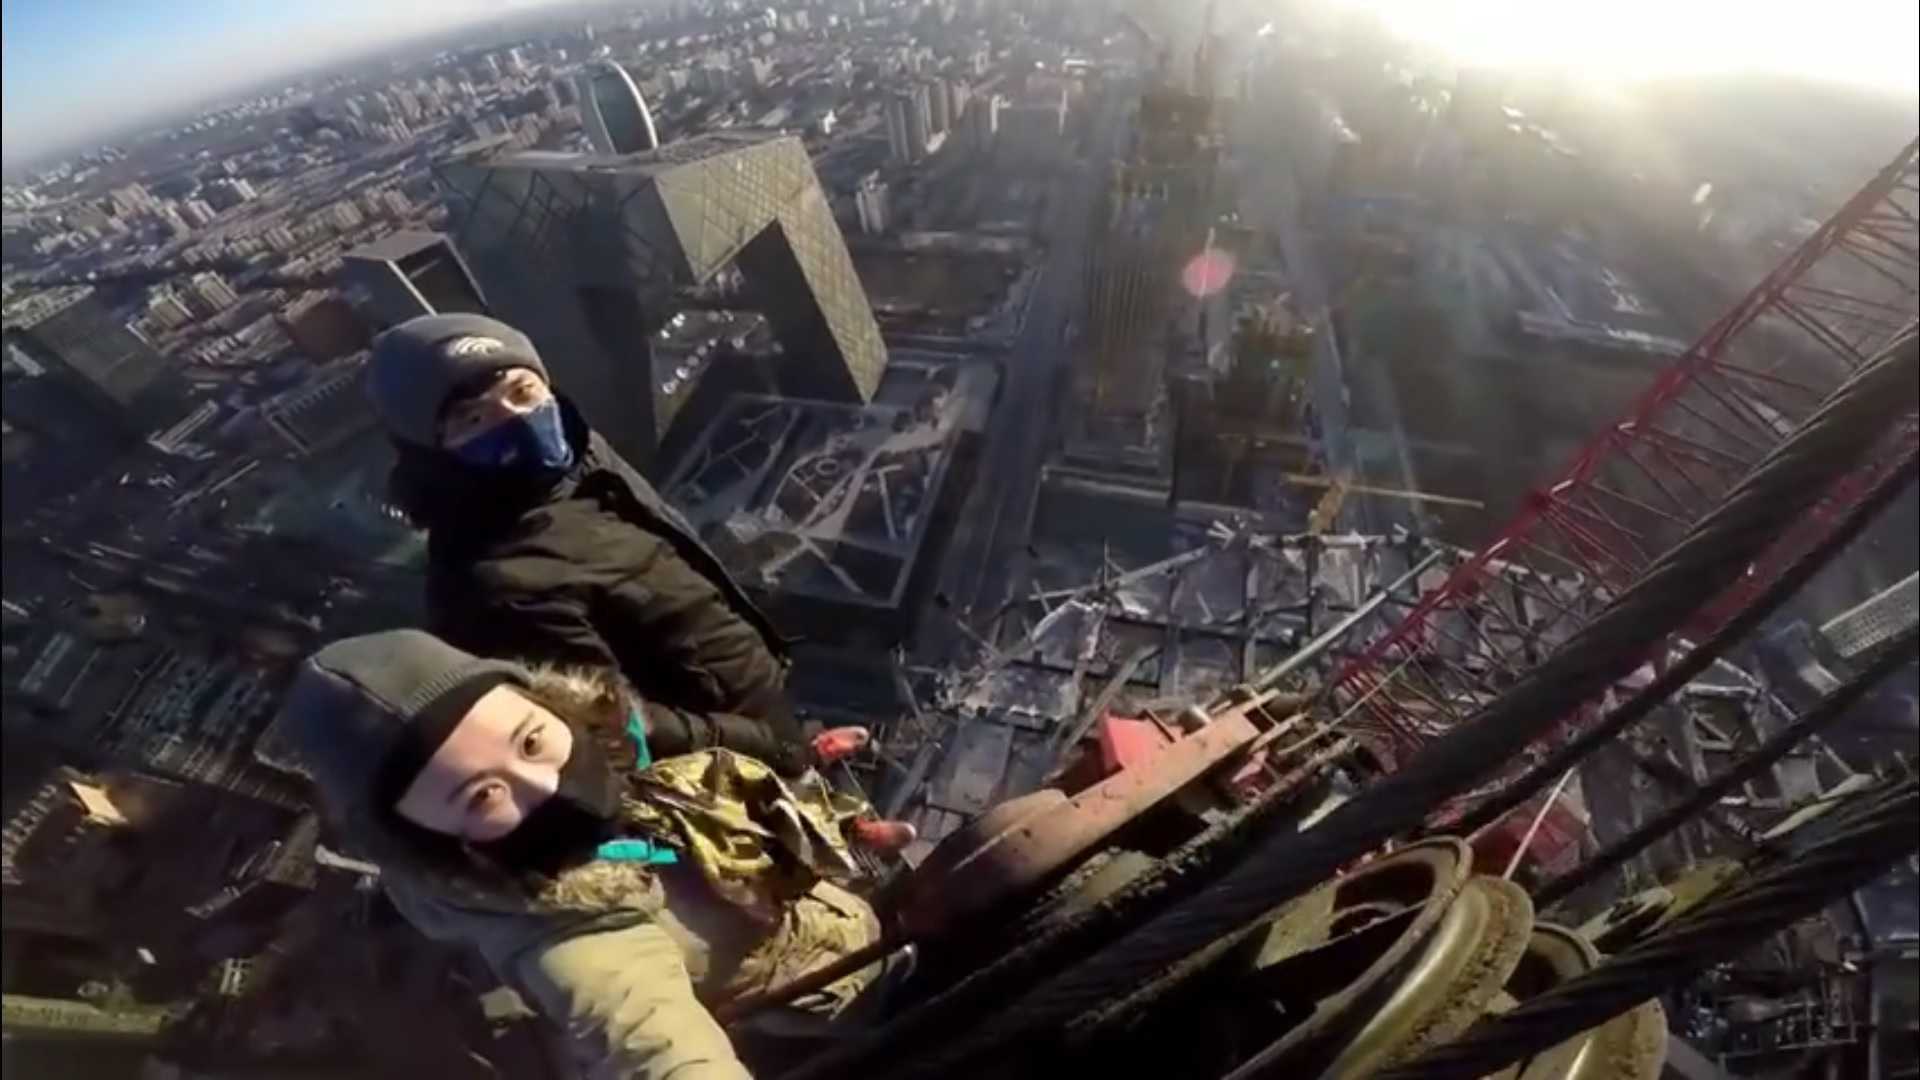 Cặp đôi chinh phục tòa nhà chọc trời mà không có dụng cụ bảo hộ